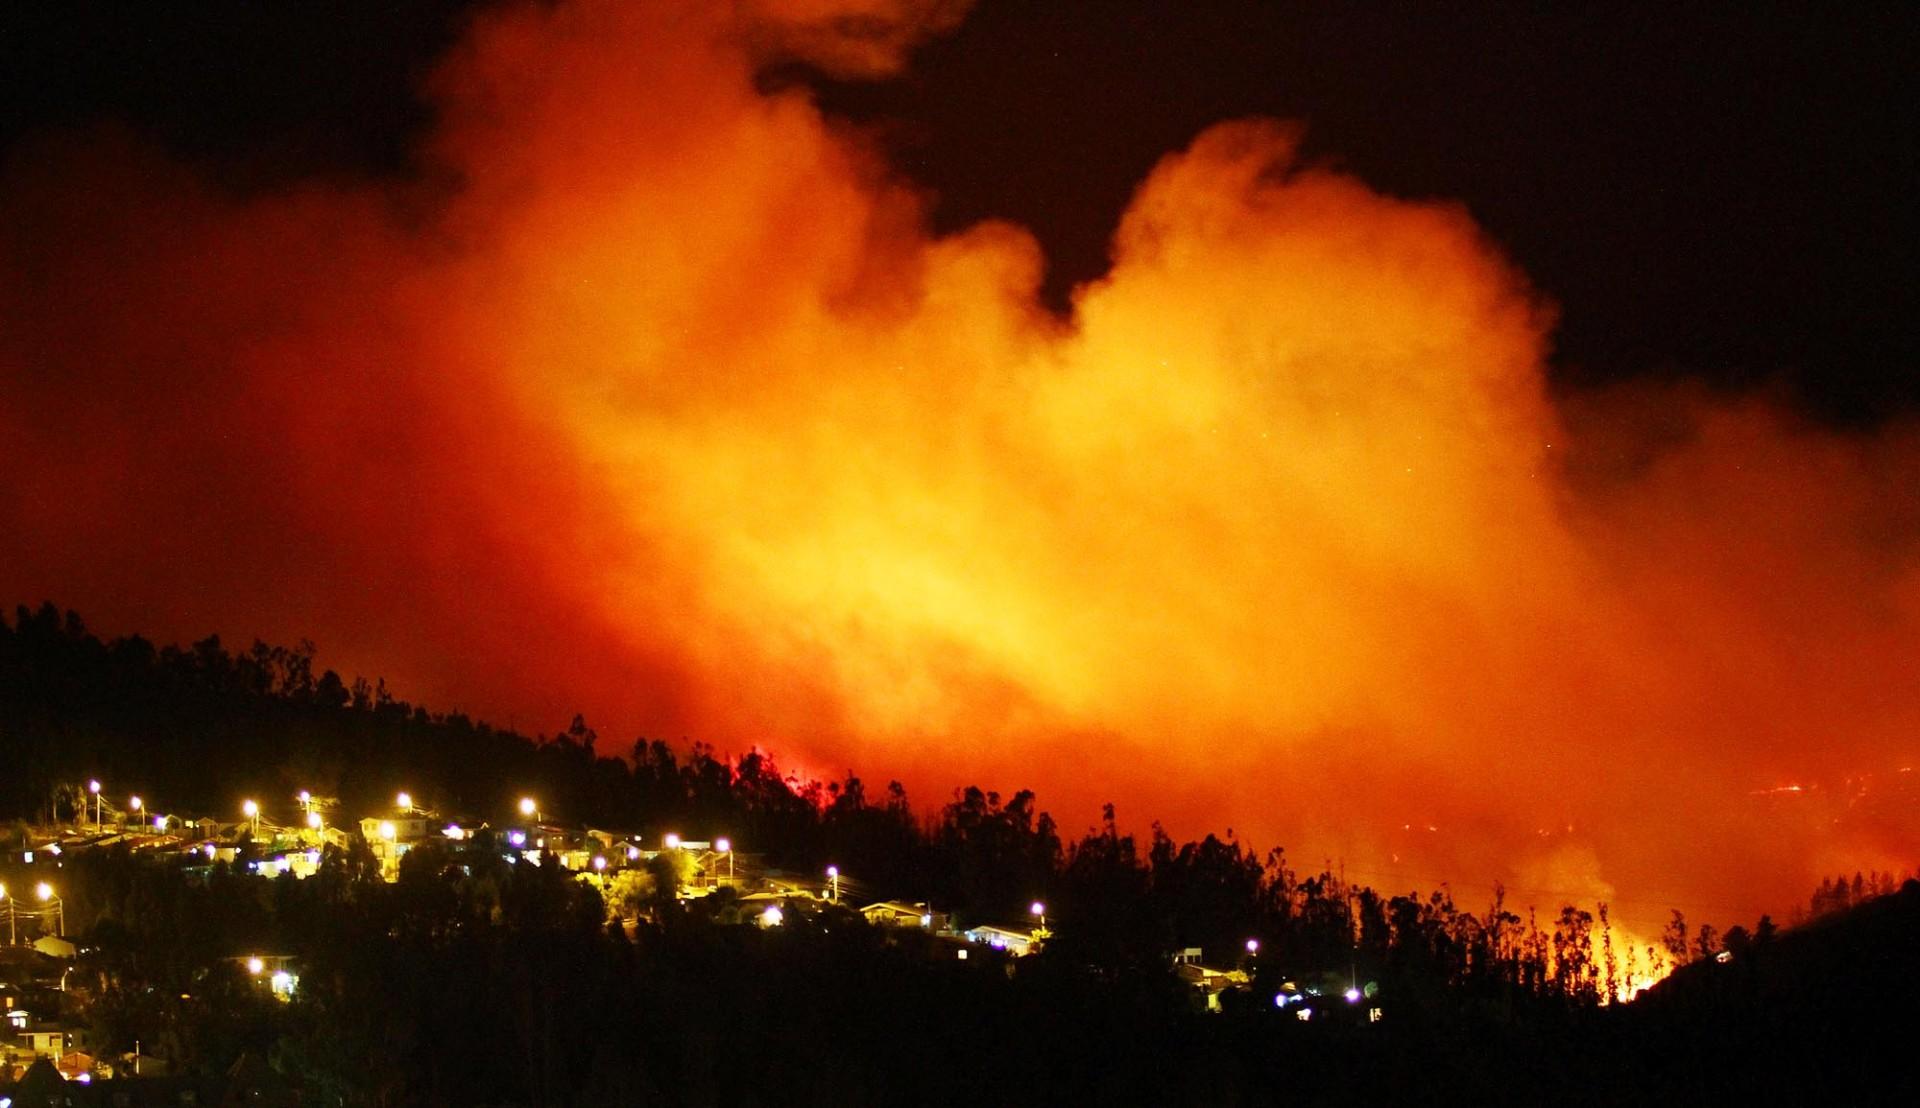 incendio hd 14marzo (7)